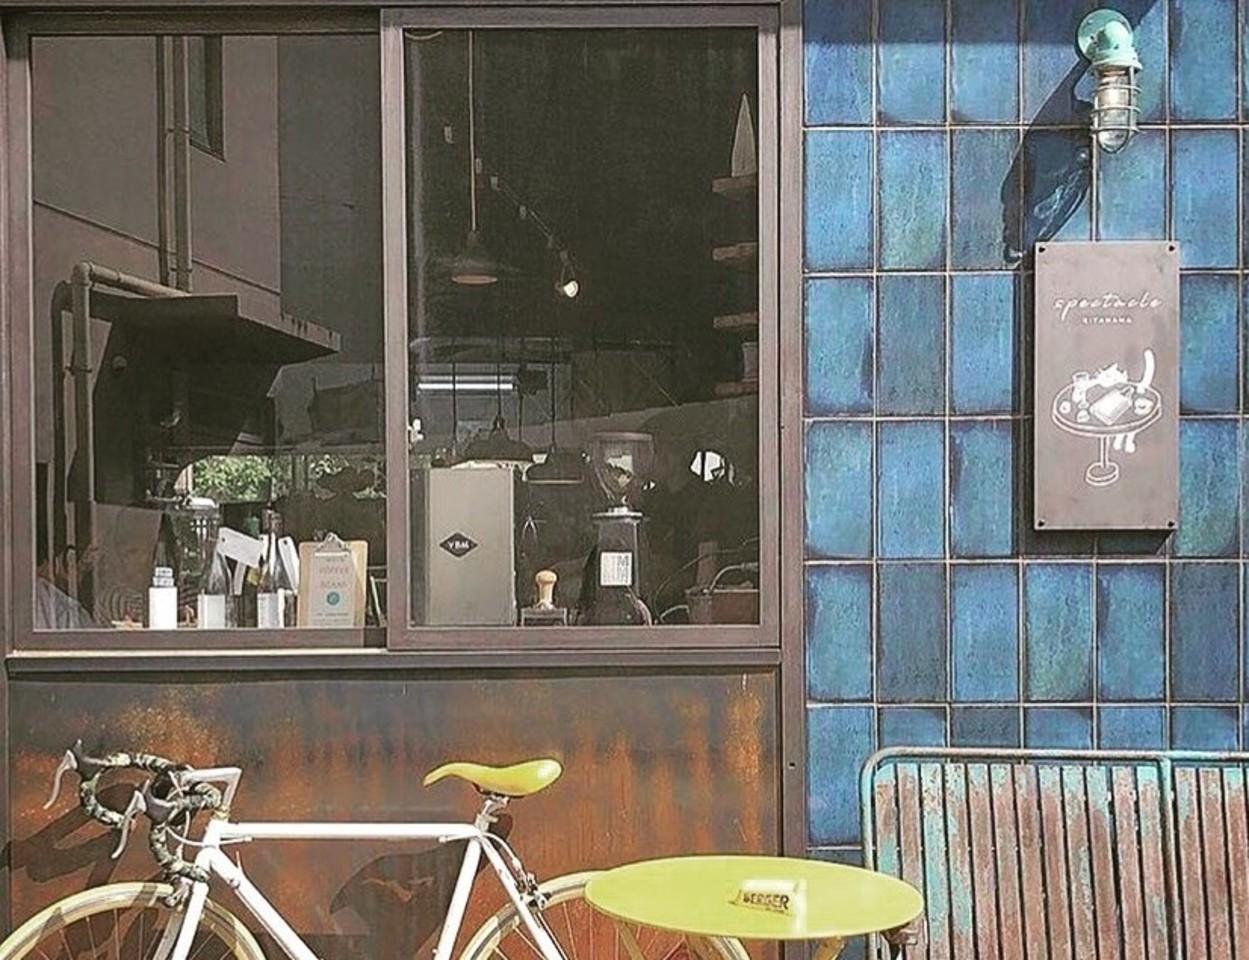 カヌレとロンネフェルト紅茶のお店。。大阪市中央区北浜1丁目の『スペクタークル』